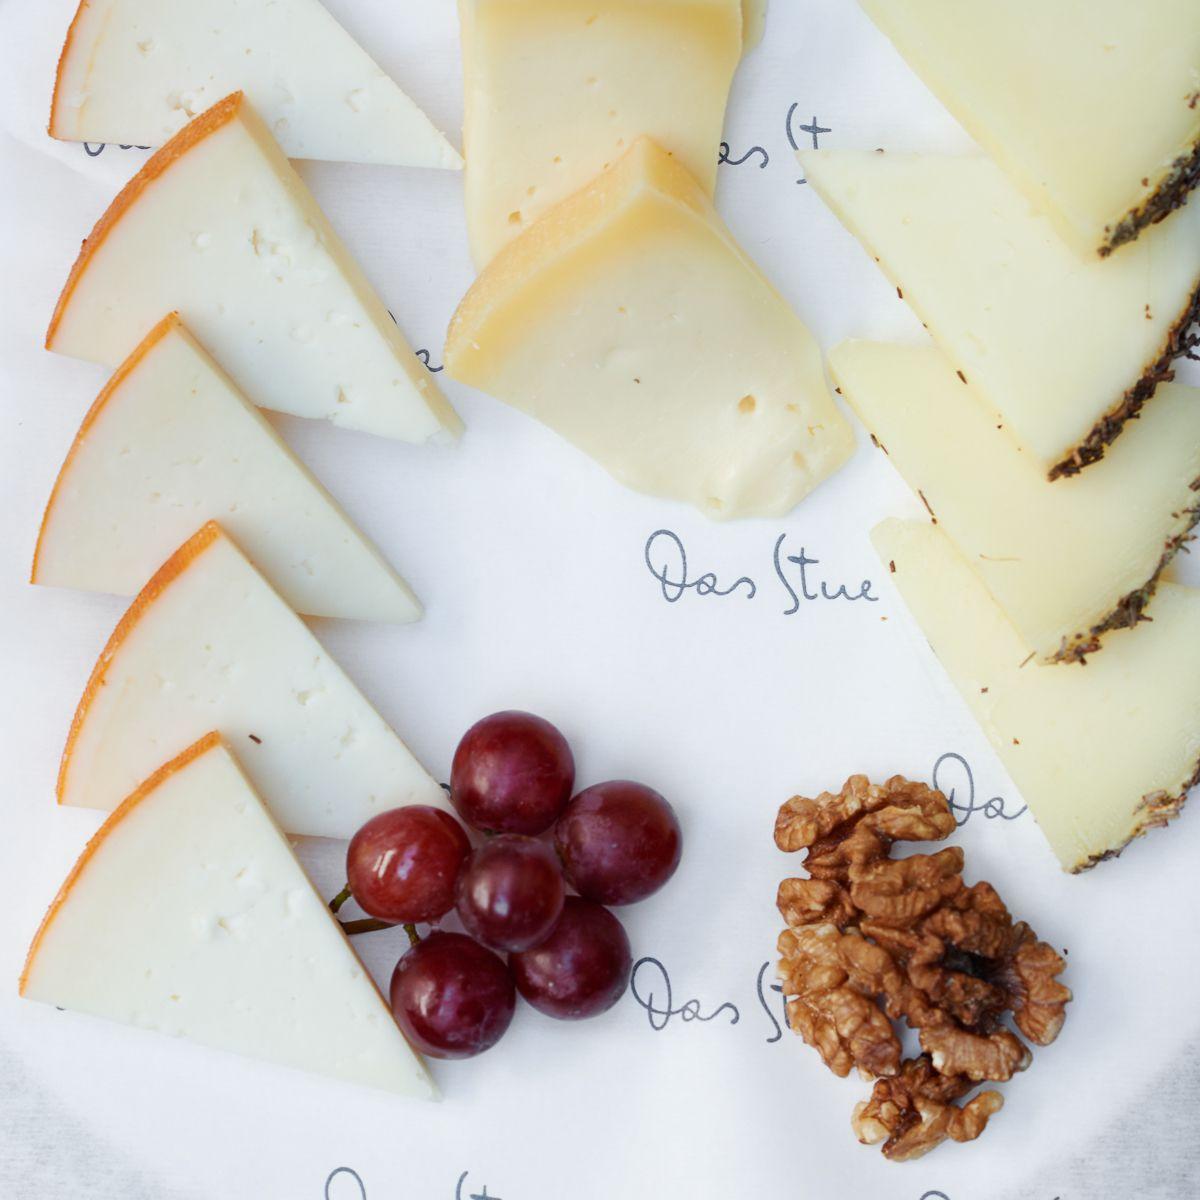 Große Auswahl an exklusiven Käsesorten beim Sonntags-Brunch im Hotel Das Stue in Berlin Tiergarten